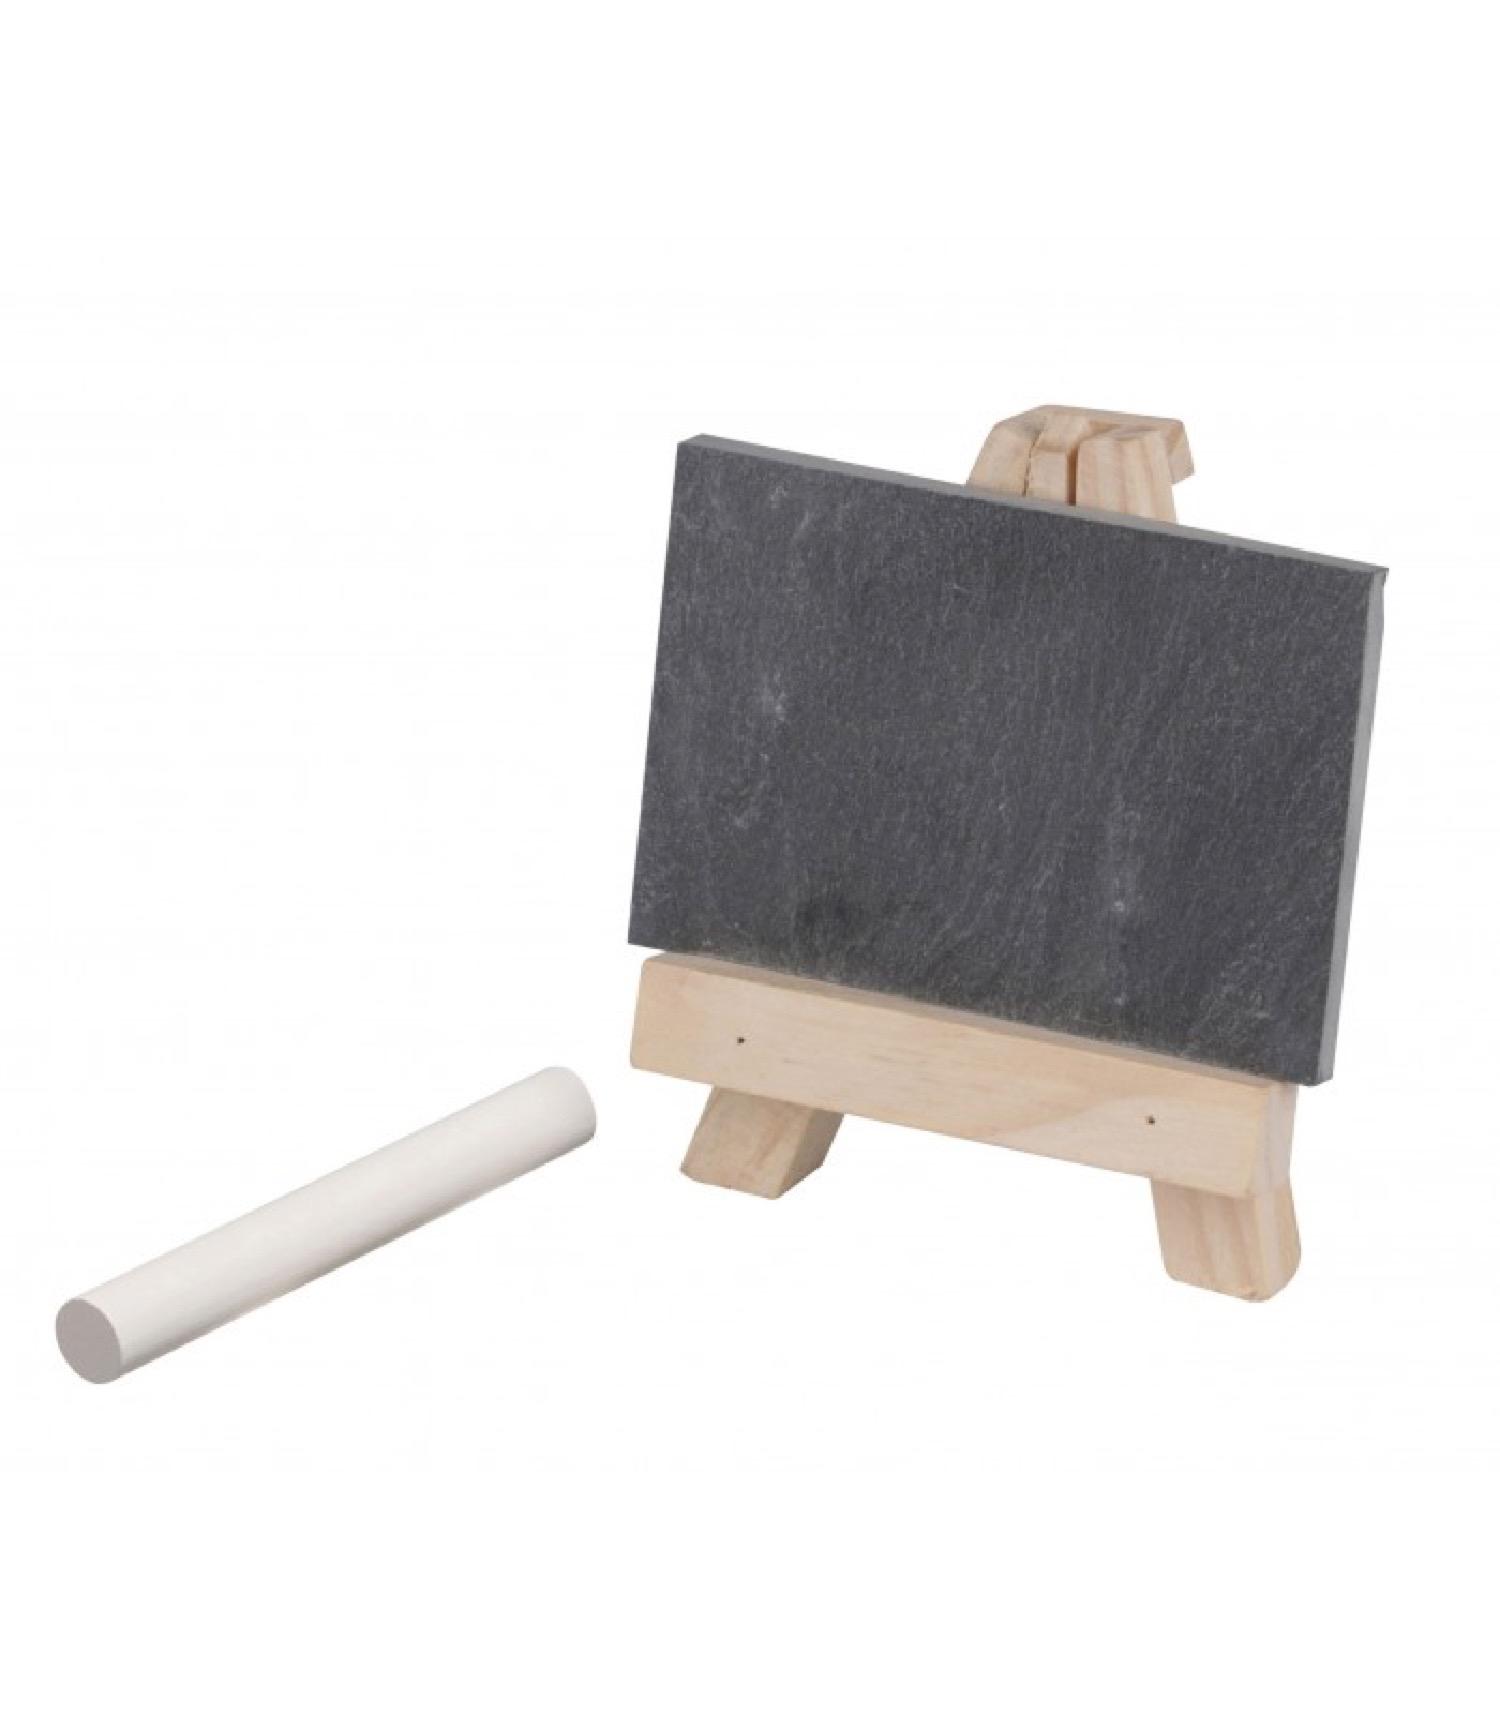 Ardoise de table avec chevalet bois + craie - Lot de 4